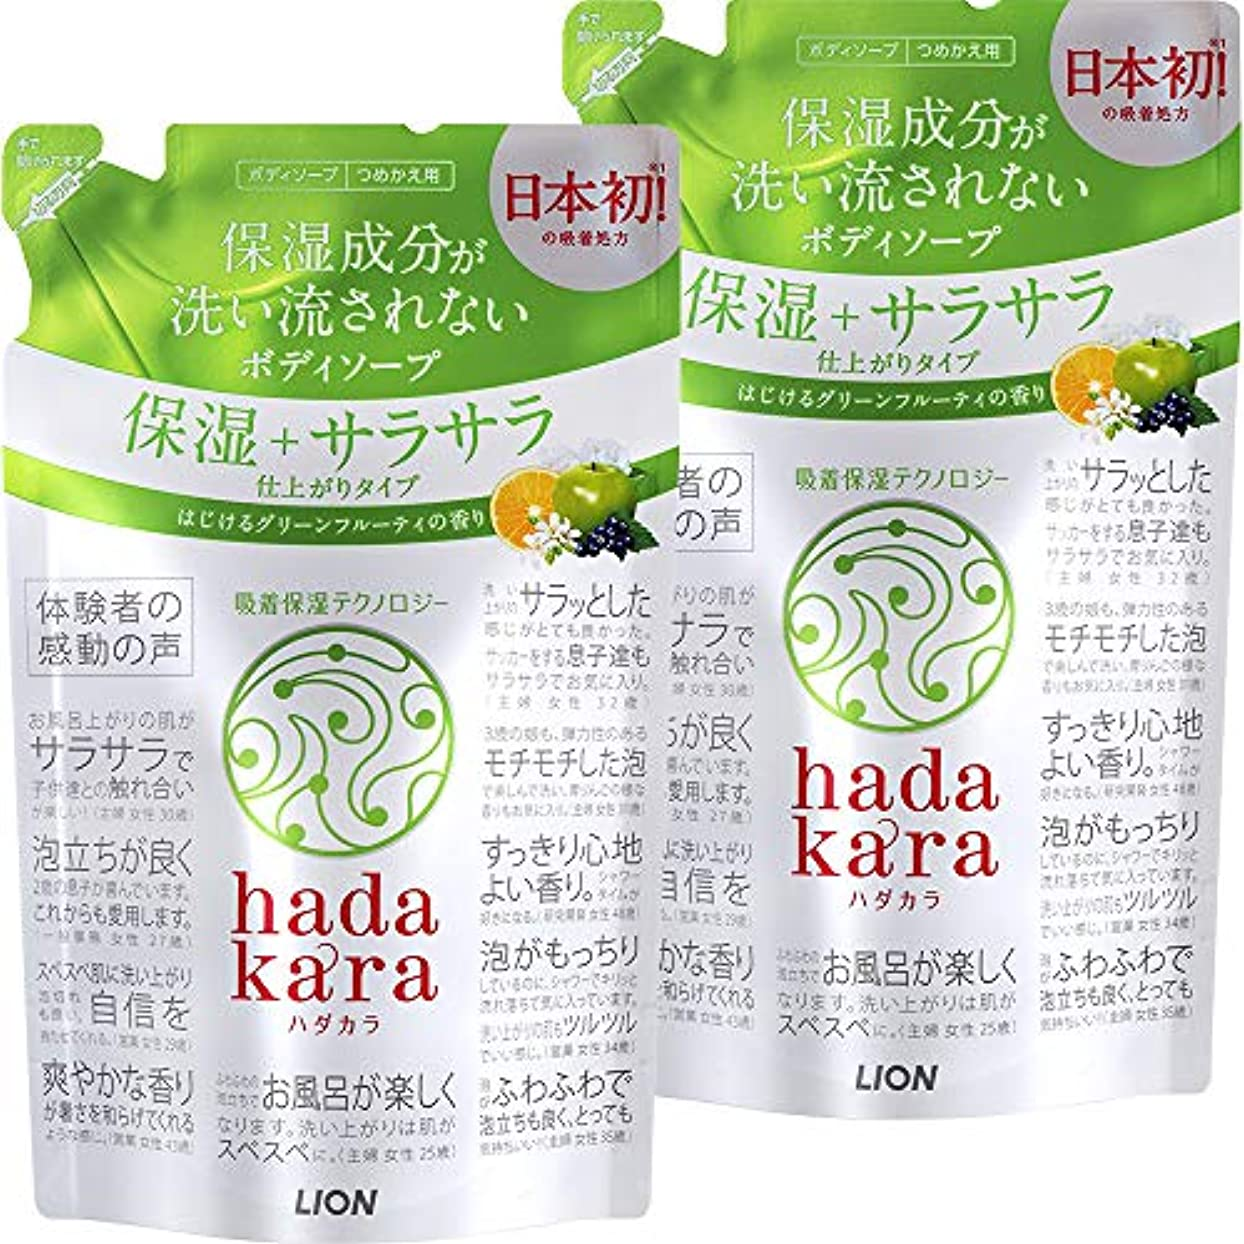 なんでも仕方クレーター【まとめ買い】hadakara(ハダカラ) ボディソープ 保湿+サラサラ仕上がりタイプ グリーンフルーティの香り 詰め替え 340ml×2個パック